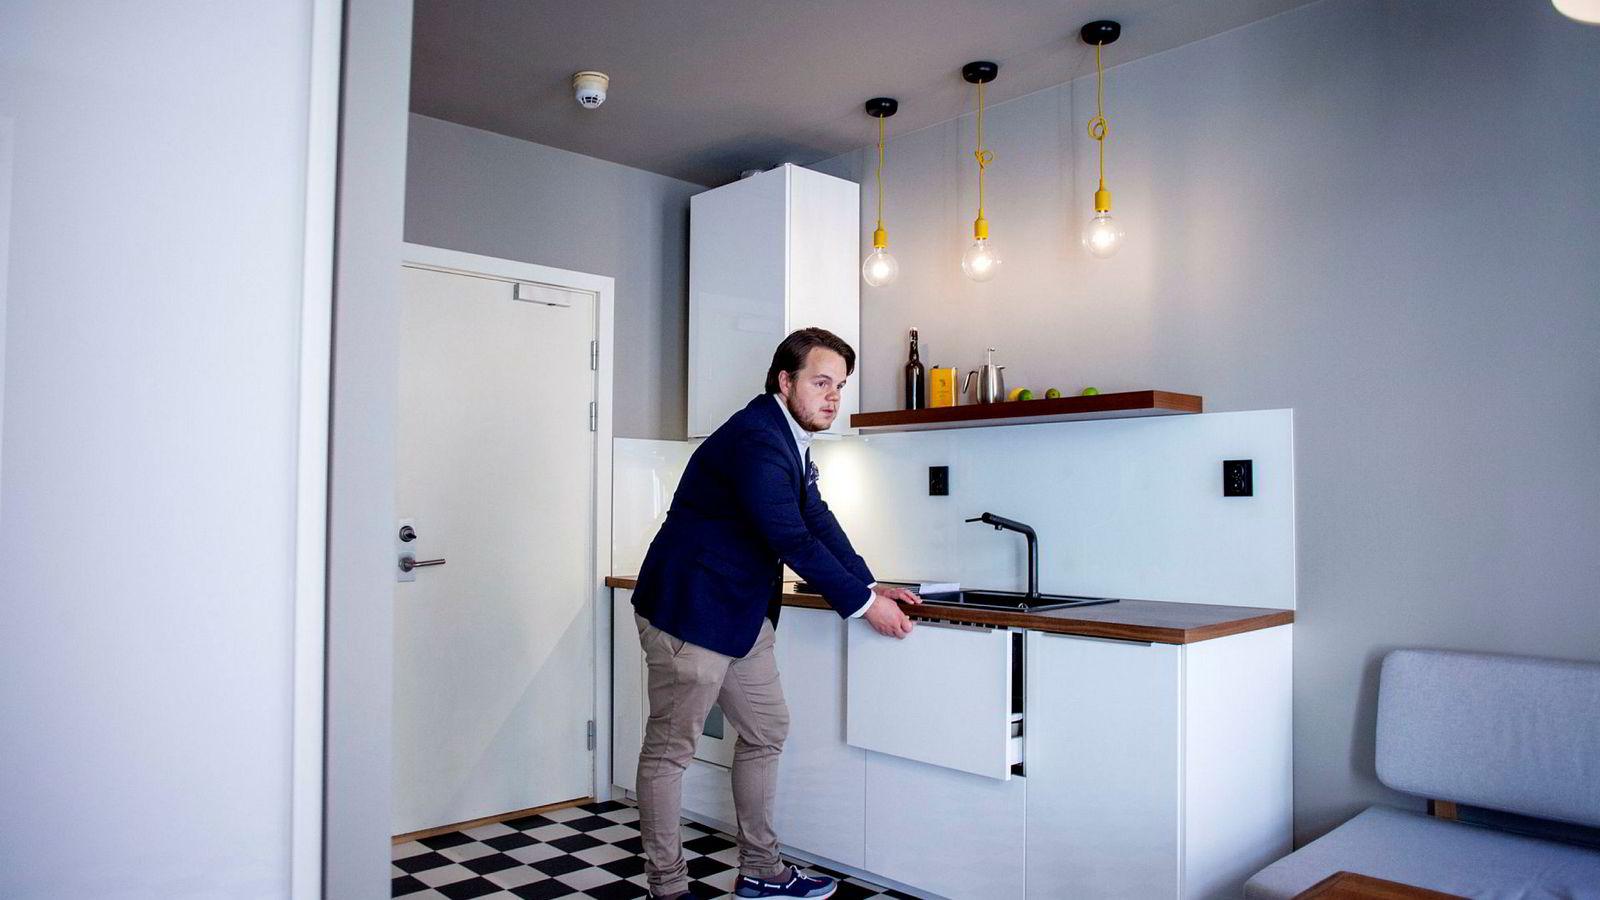 Eiendomsmegler Haakon Telle Bøe skal selge en leilighet på 21 kvadratmeter i Helgesens gate på Grünerløkka. Om den blir solgt for prisantydning, har prisen vokst over 26 prosent på under to år.